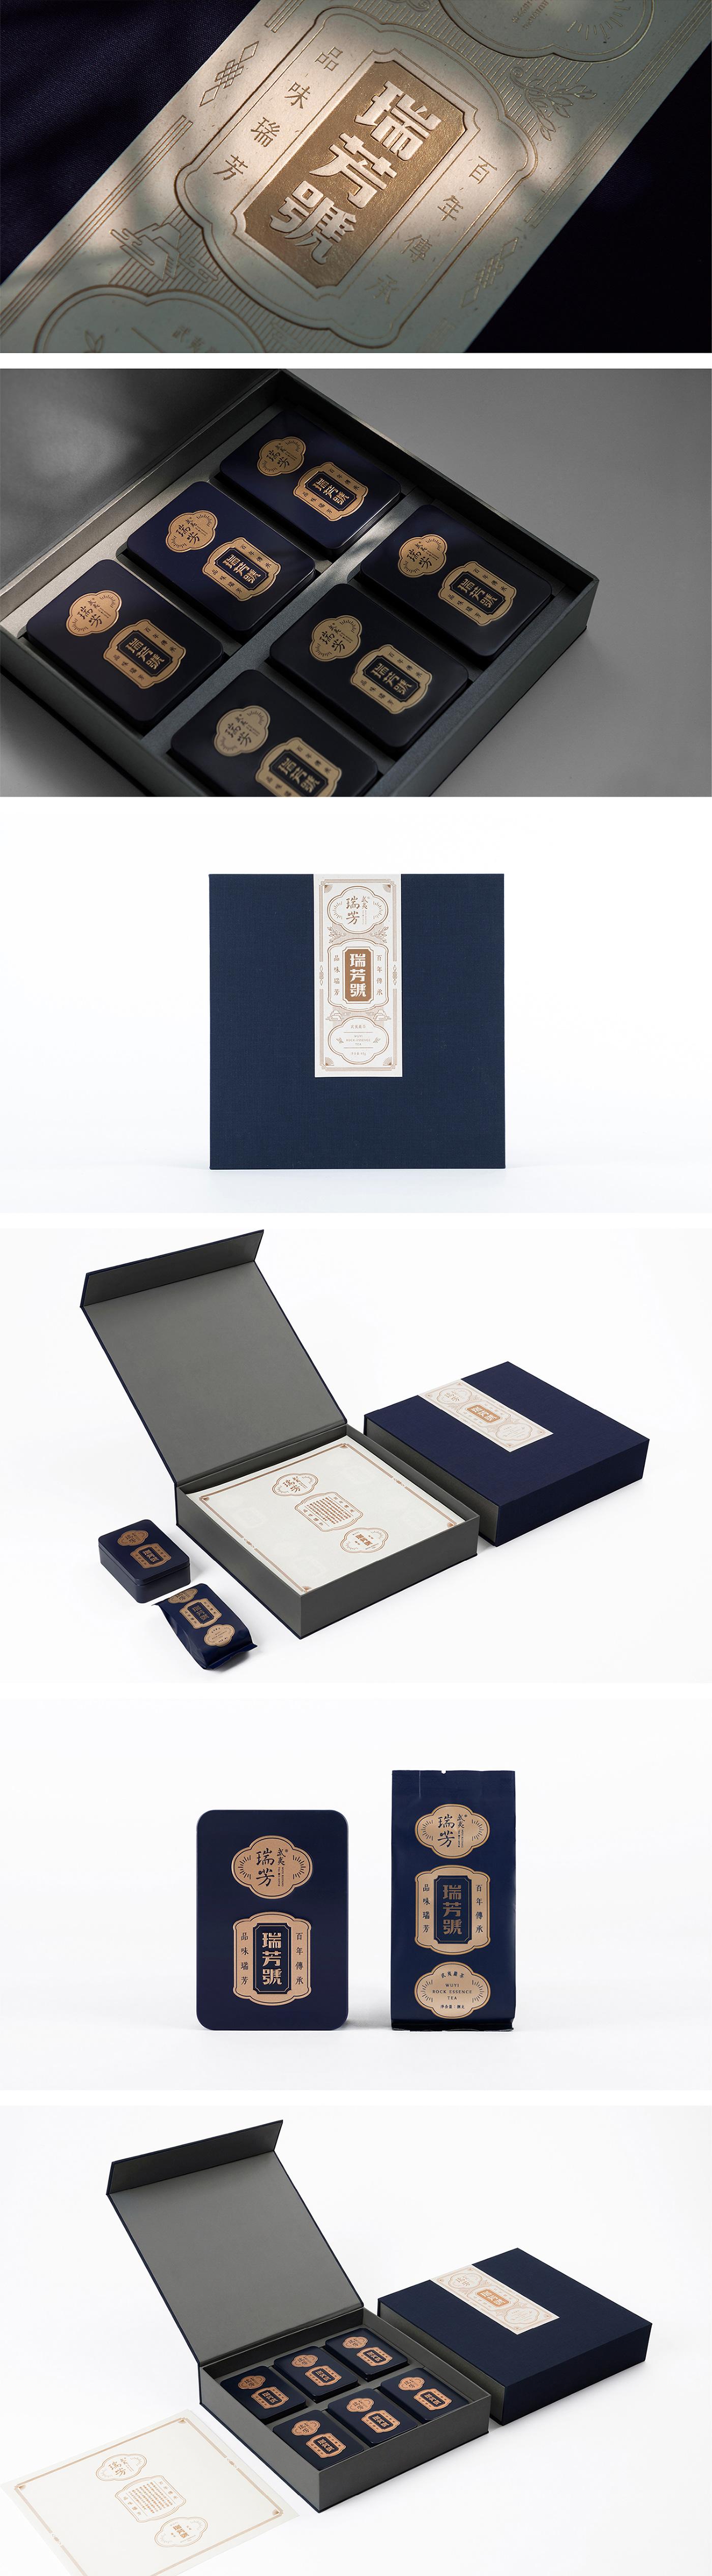 产品包装设计 -7f40da64365725.5acf9d17beec1